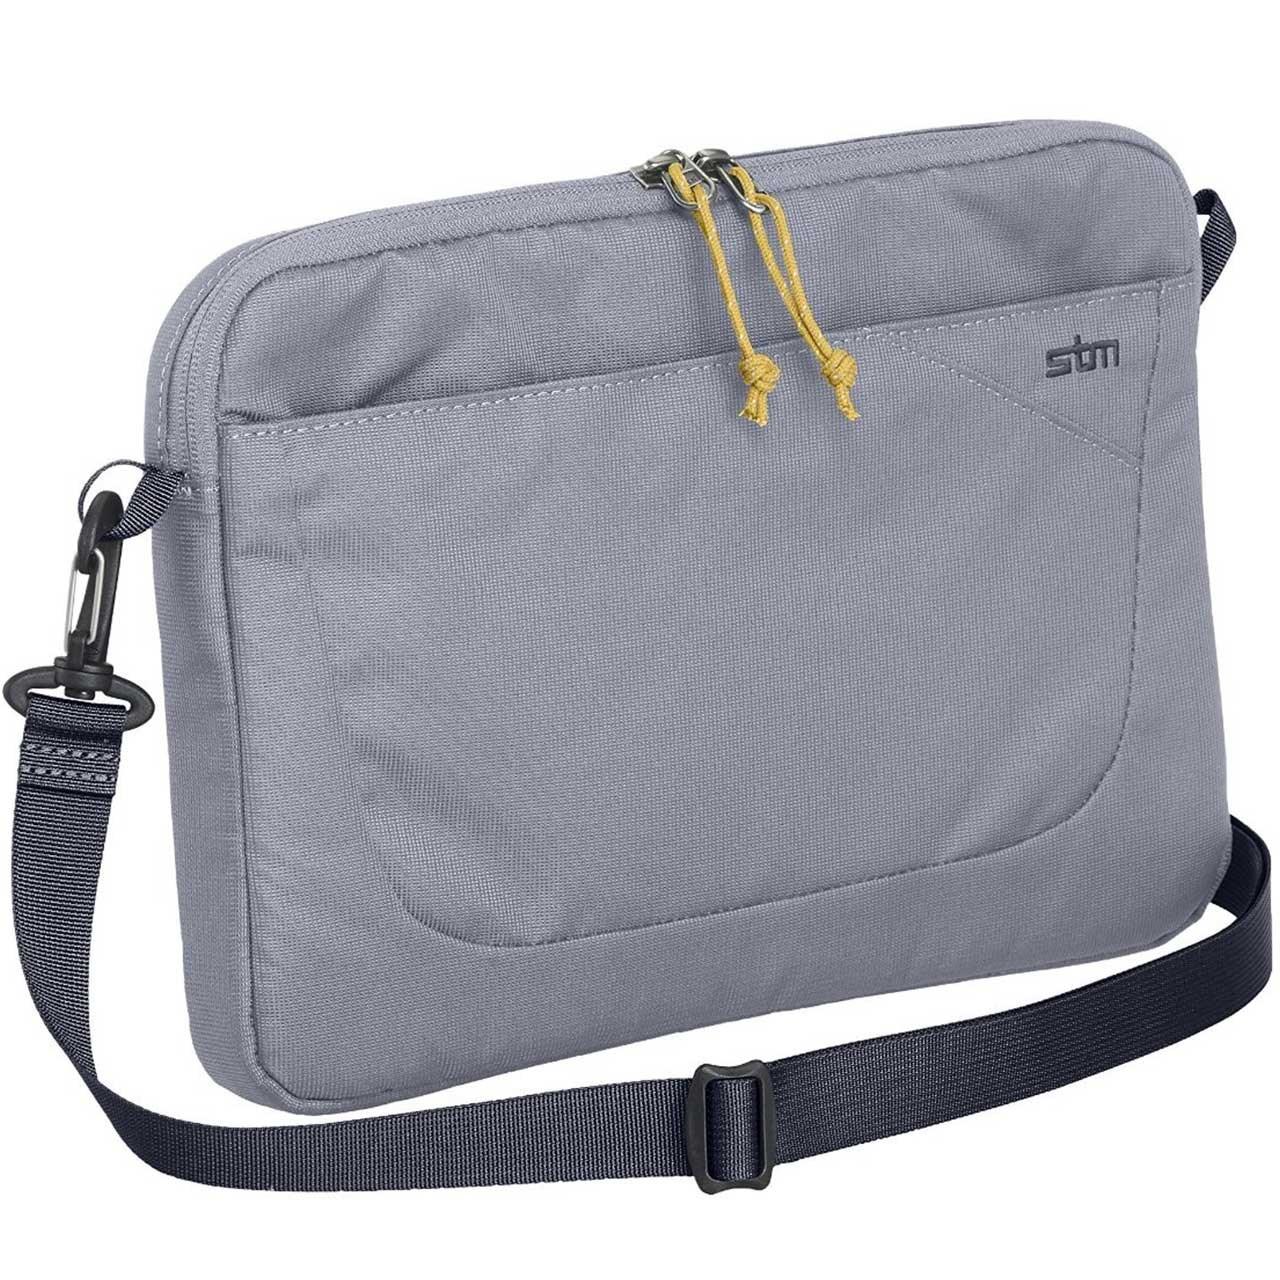 کیف لپ تاپ اس تی ام مدل Blazer مناسب برای لپ تاپ 11 اینچی